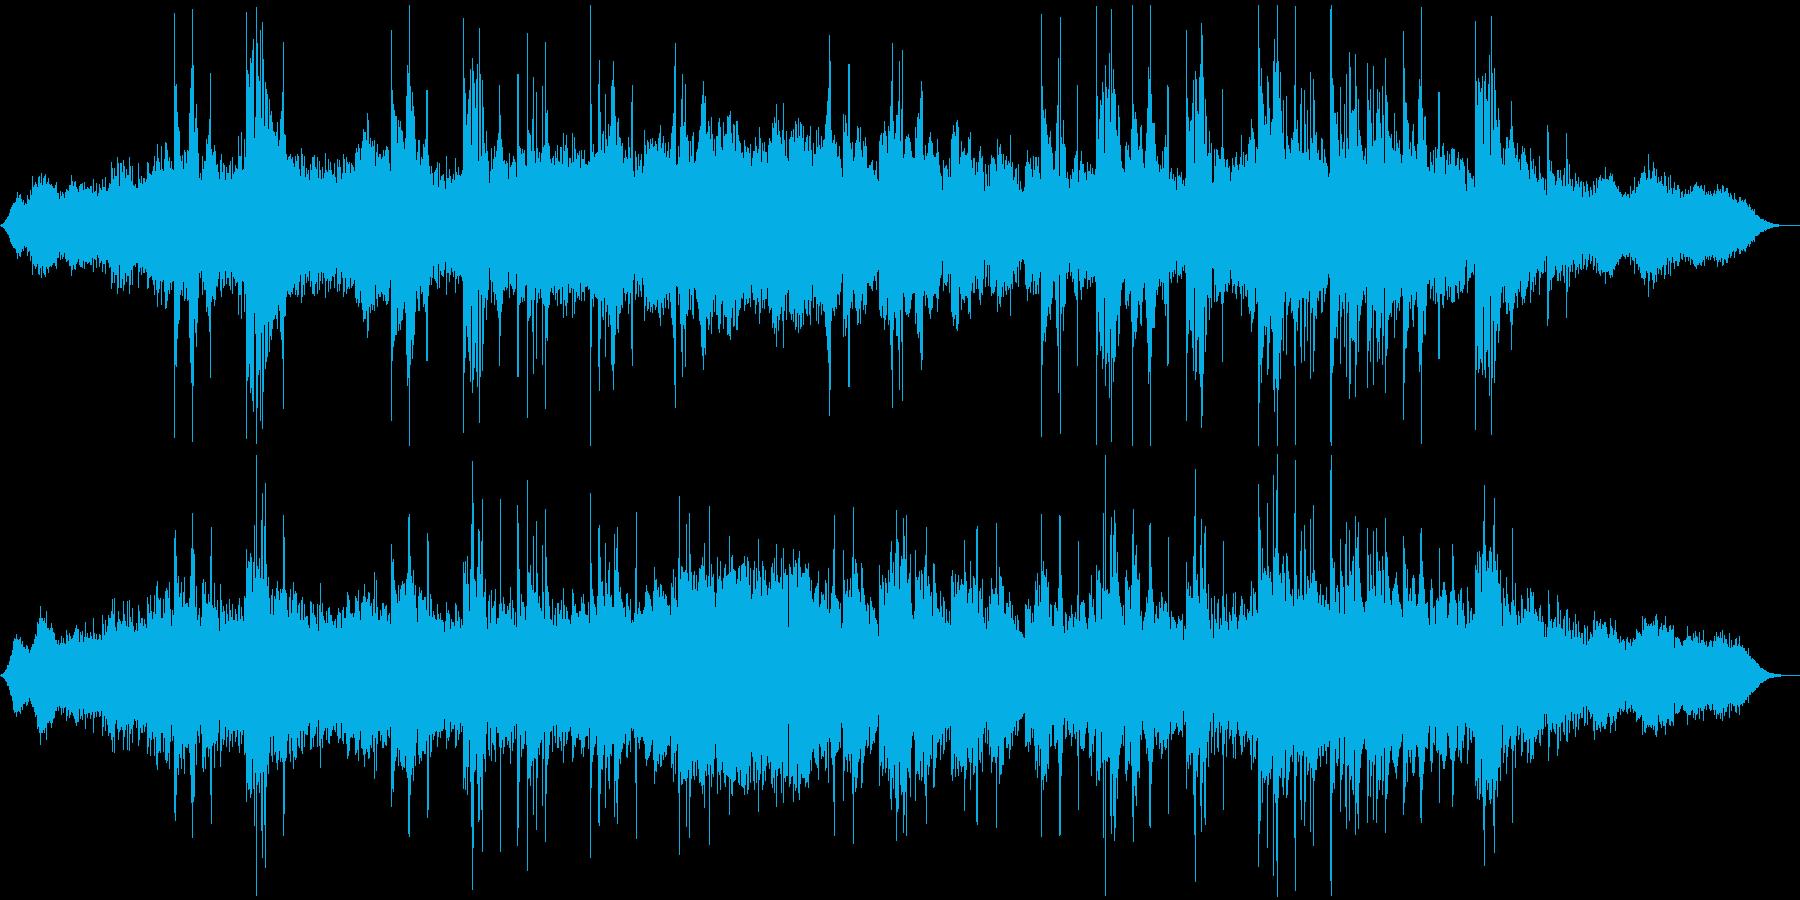 洞窟で流れるような水々しい簡素な音楽の再生済みの波形